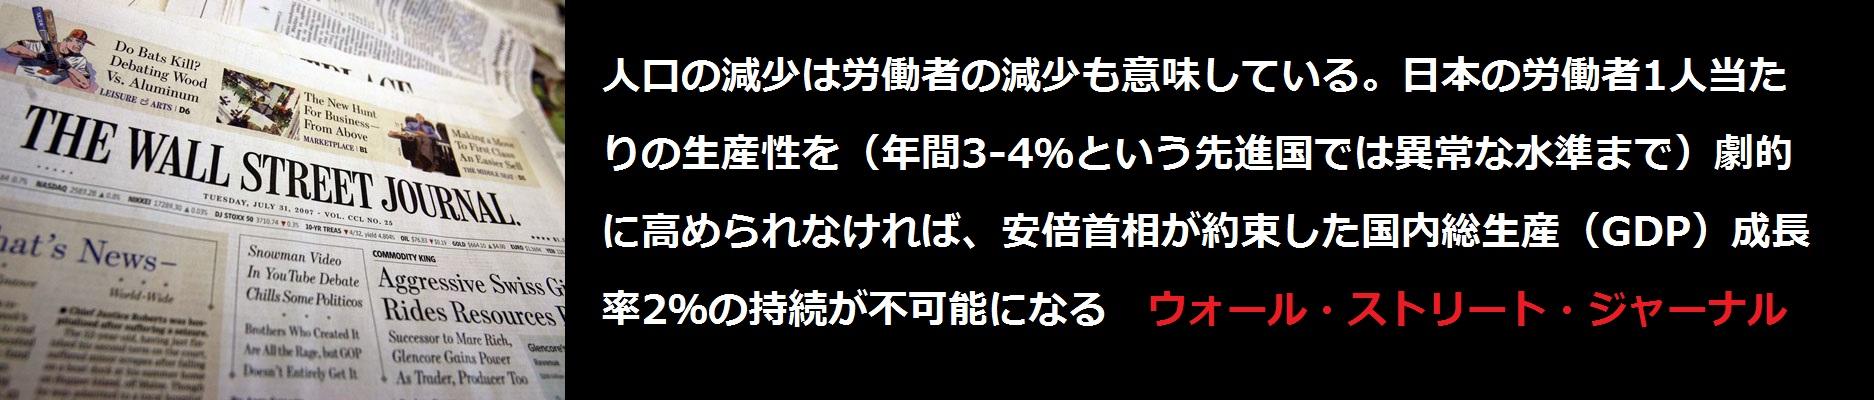 f:id:JAPbuster:20170221194651j:plain